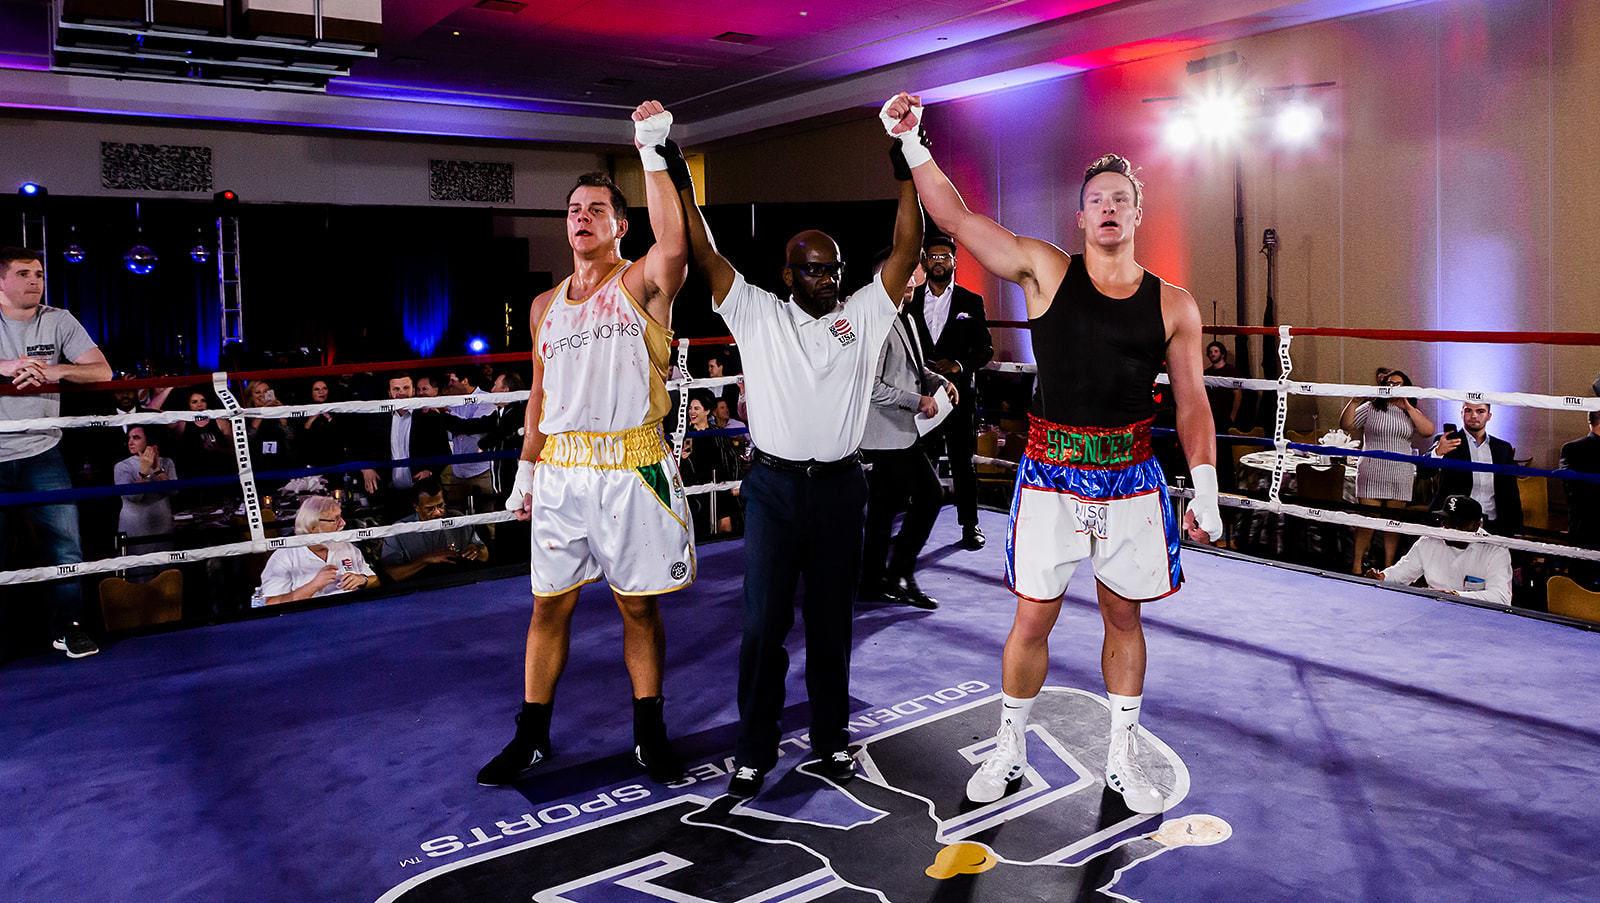 Scott O'Neil named winner during charity boxing match